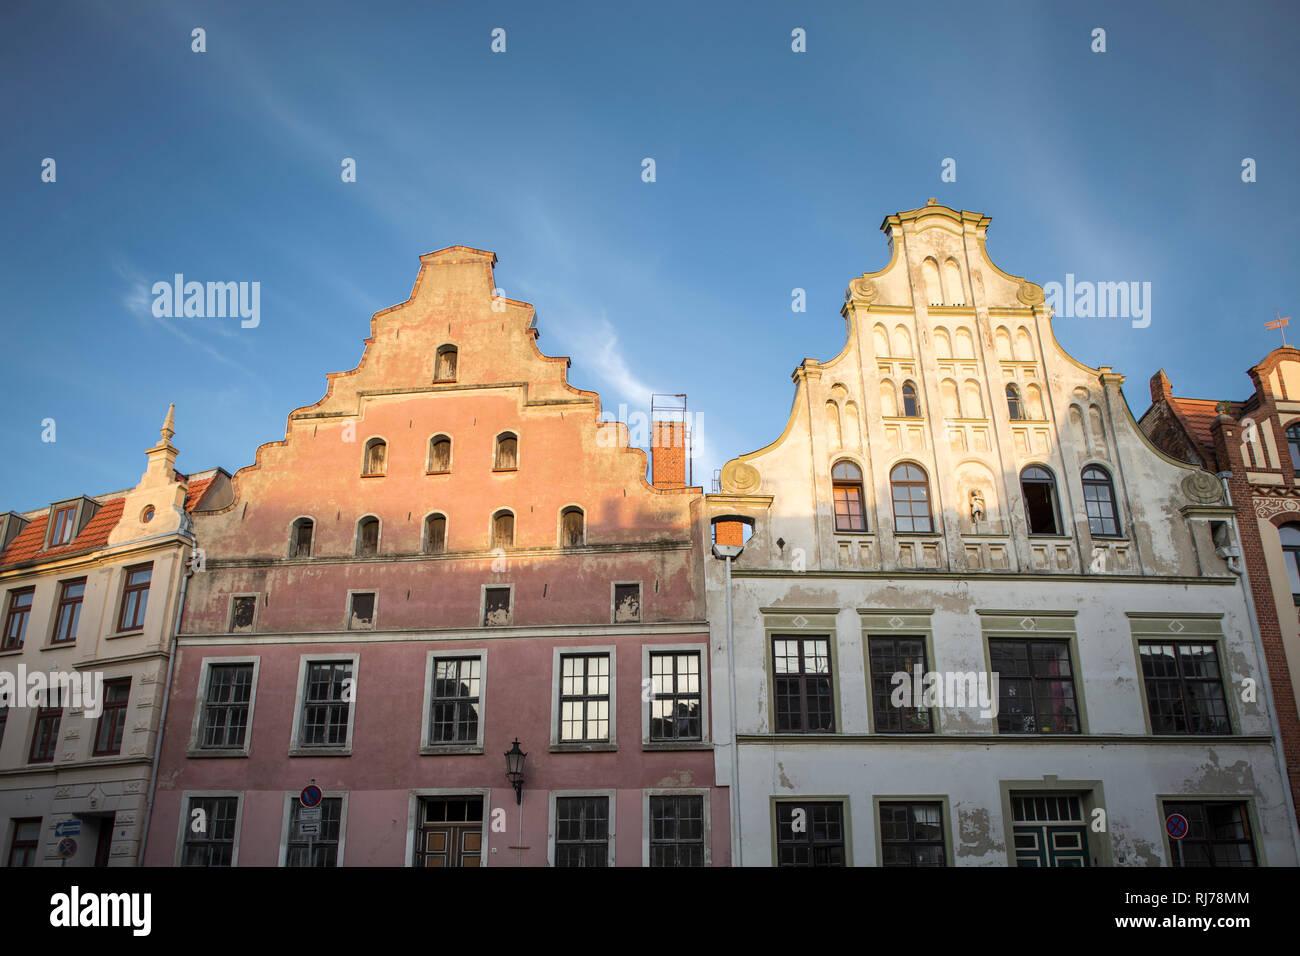 Giebel von historischen Häusern in Wismar, Deutschland - Stock Image